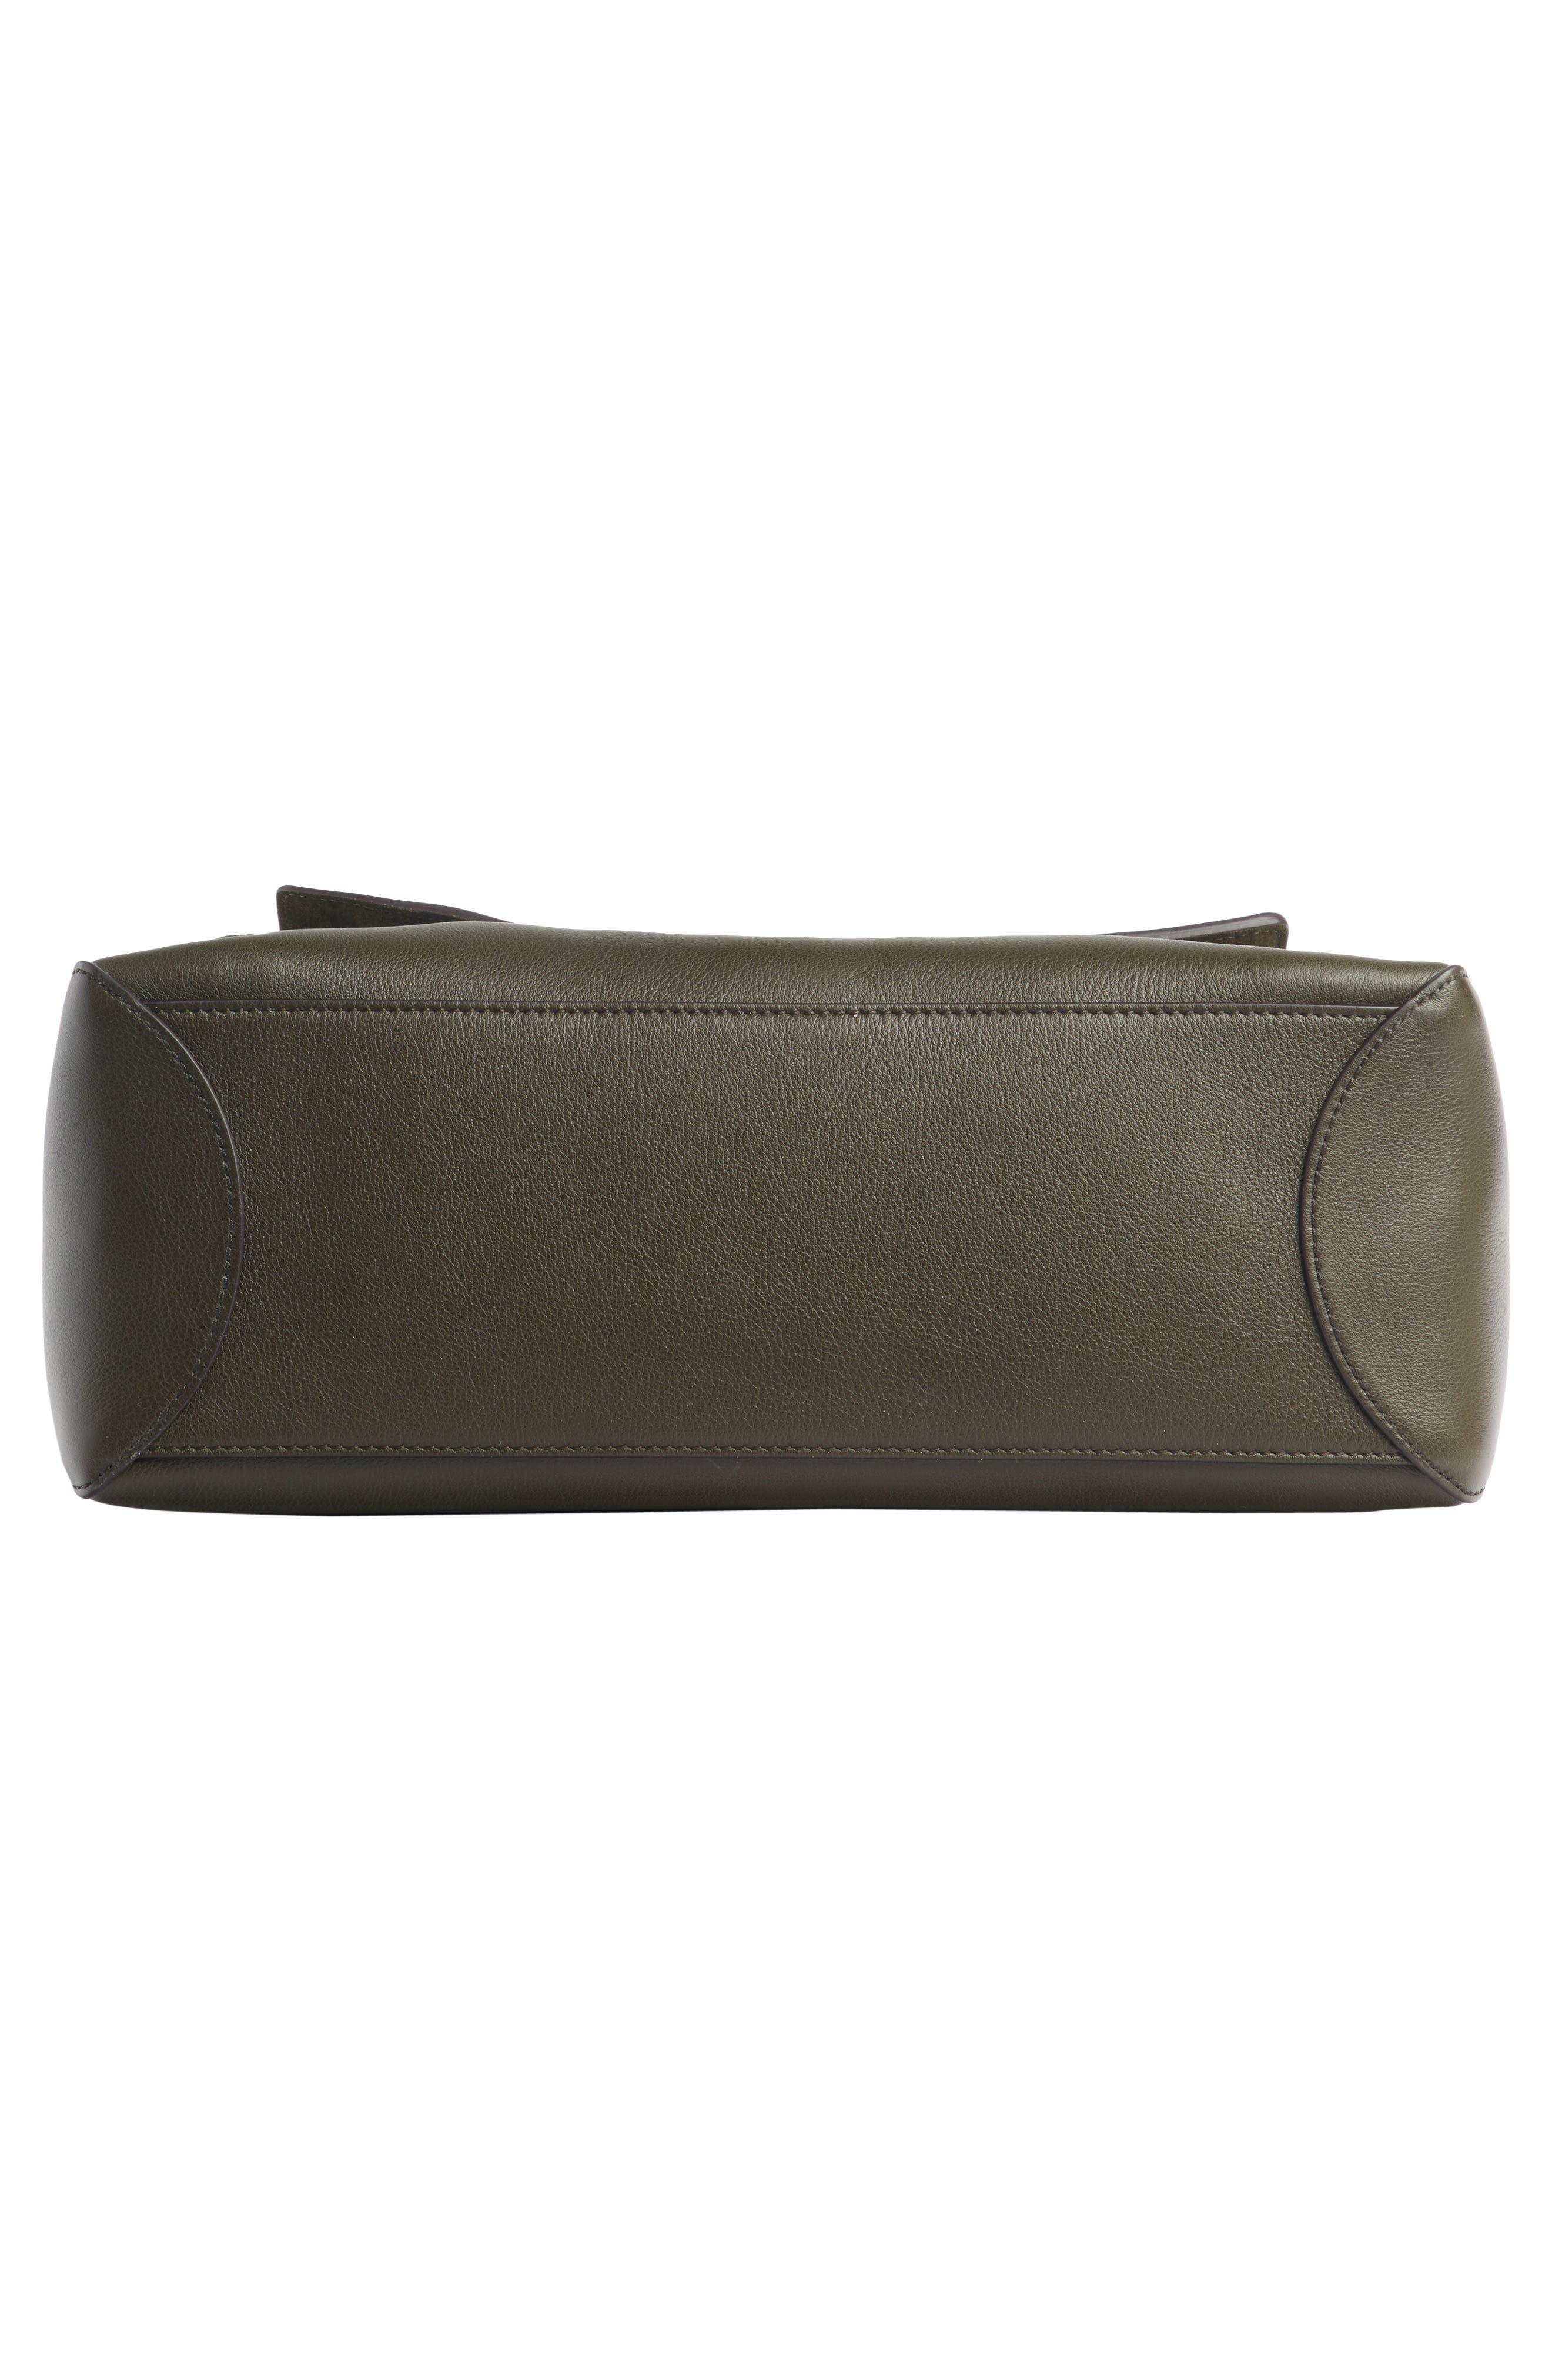 Medium Faye Leather Shoulder Bag,                             Alternate thumbnail 5, color,                             DEEP FOREST